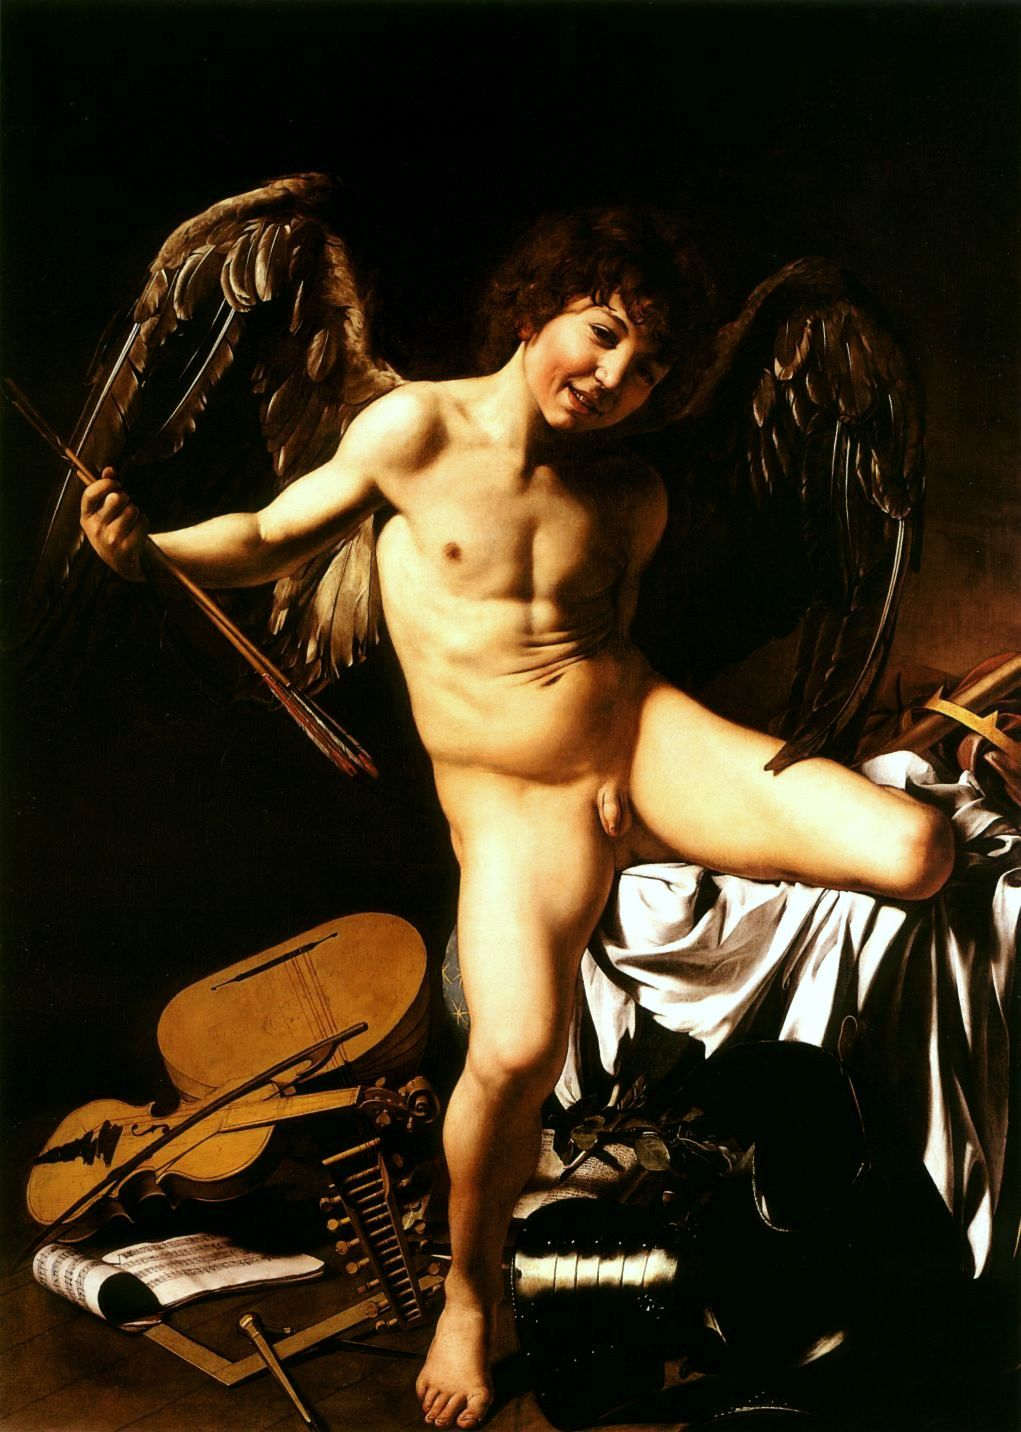 Amor Vincit Omnia è un dipinto a olio su tela (156x113 cm) realizzato tra il 1602 ed il 1603 dal pittore italiano Caravaggio. È conservato nel Staatliche Museen di Berlino.